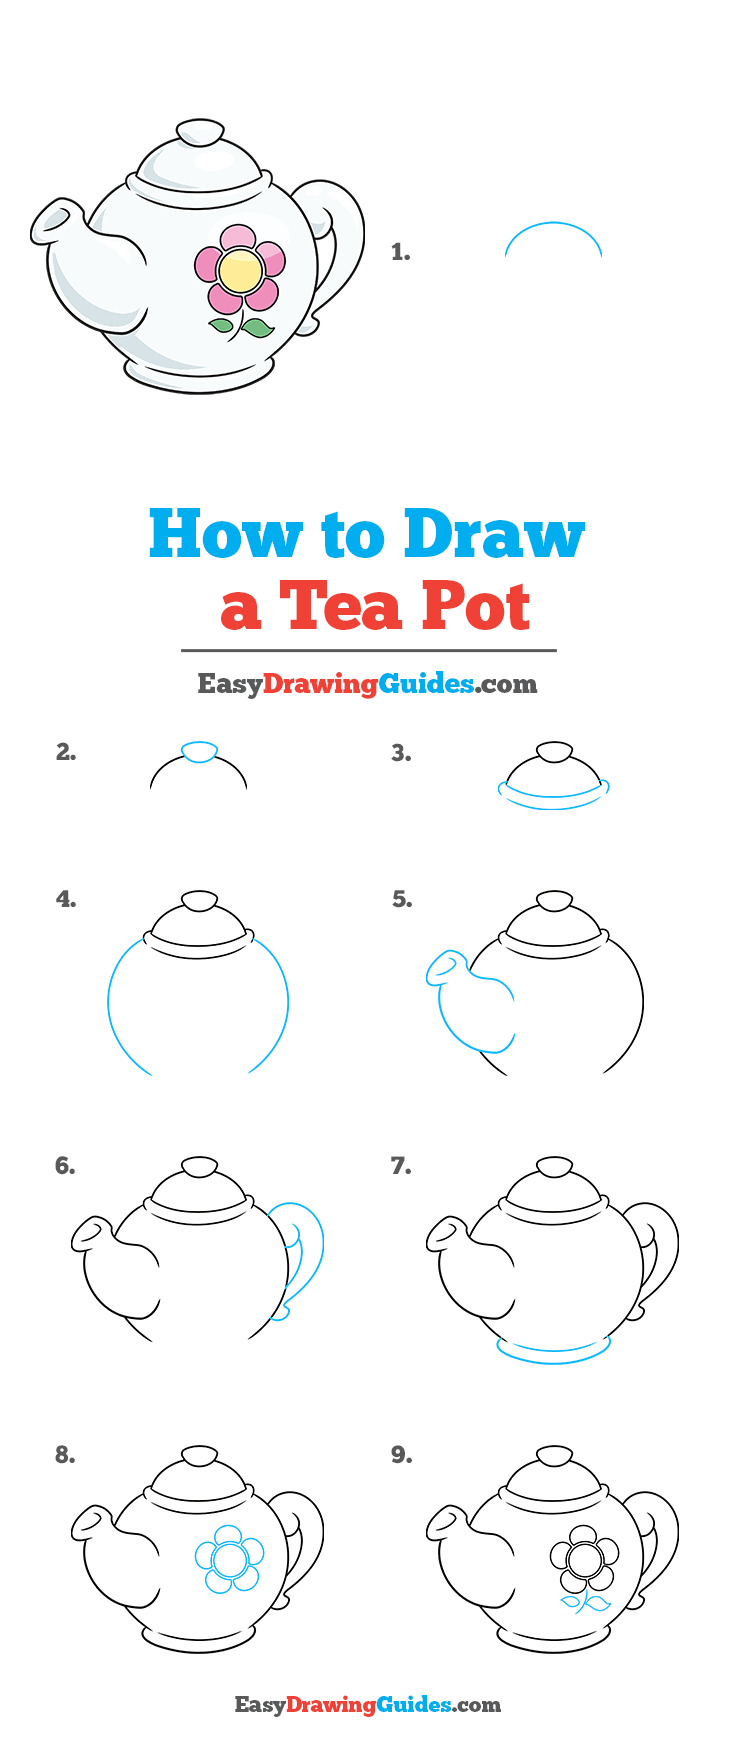 How to Draw Tea Pot